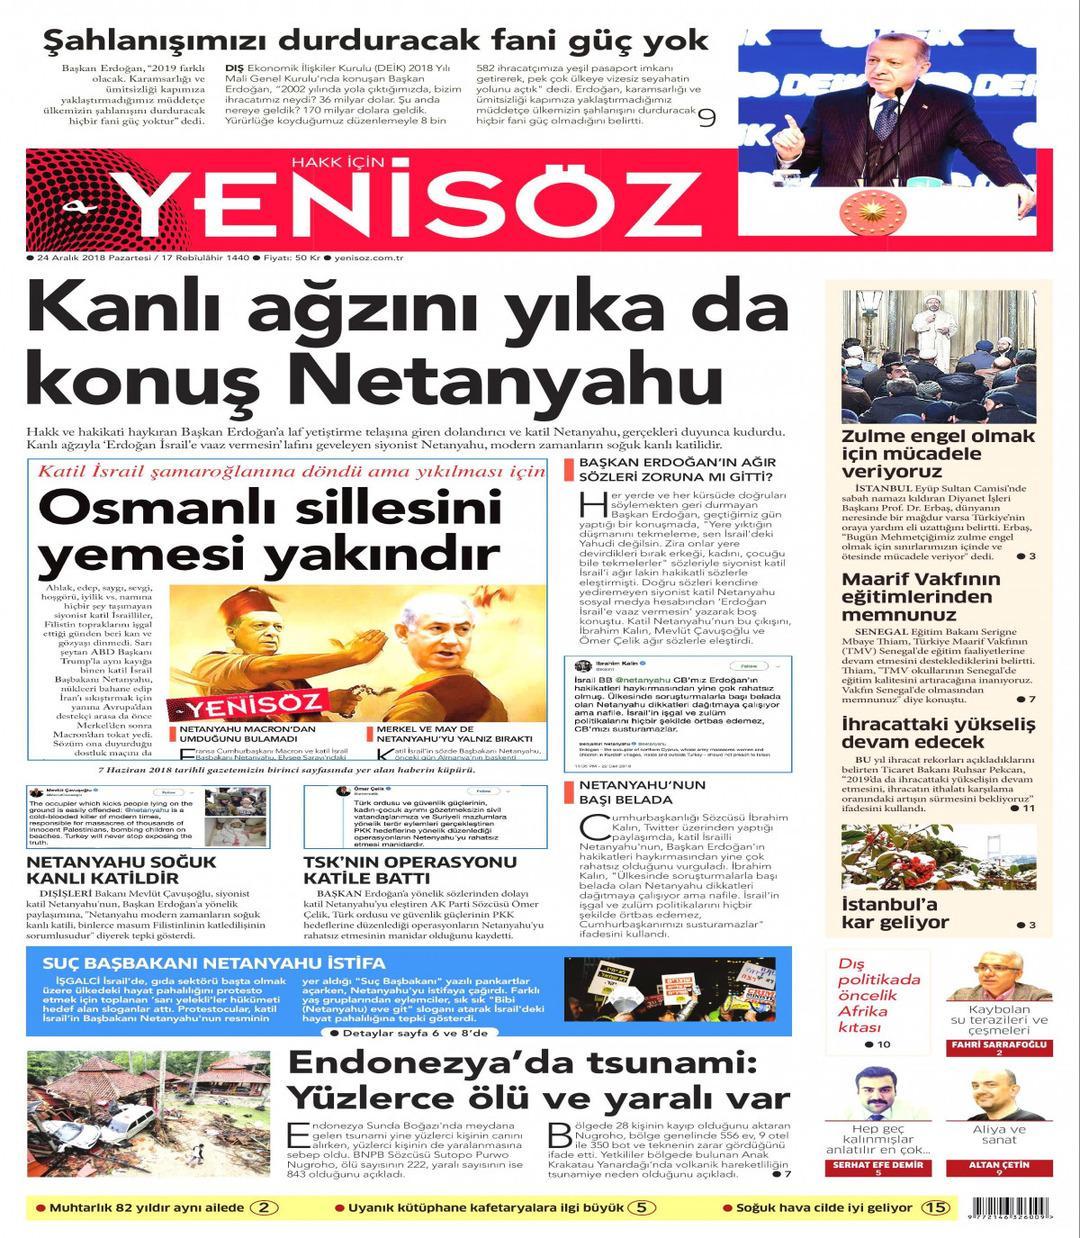 Yeni Söz Gazetesi gazetesi